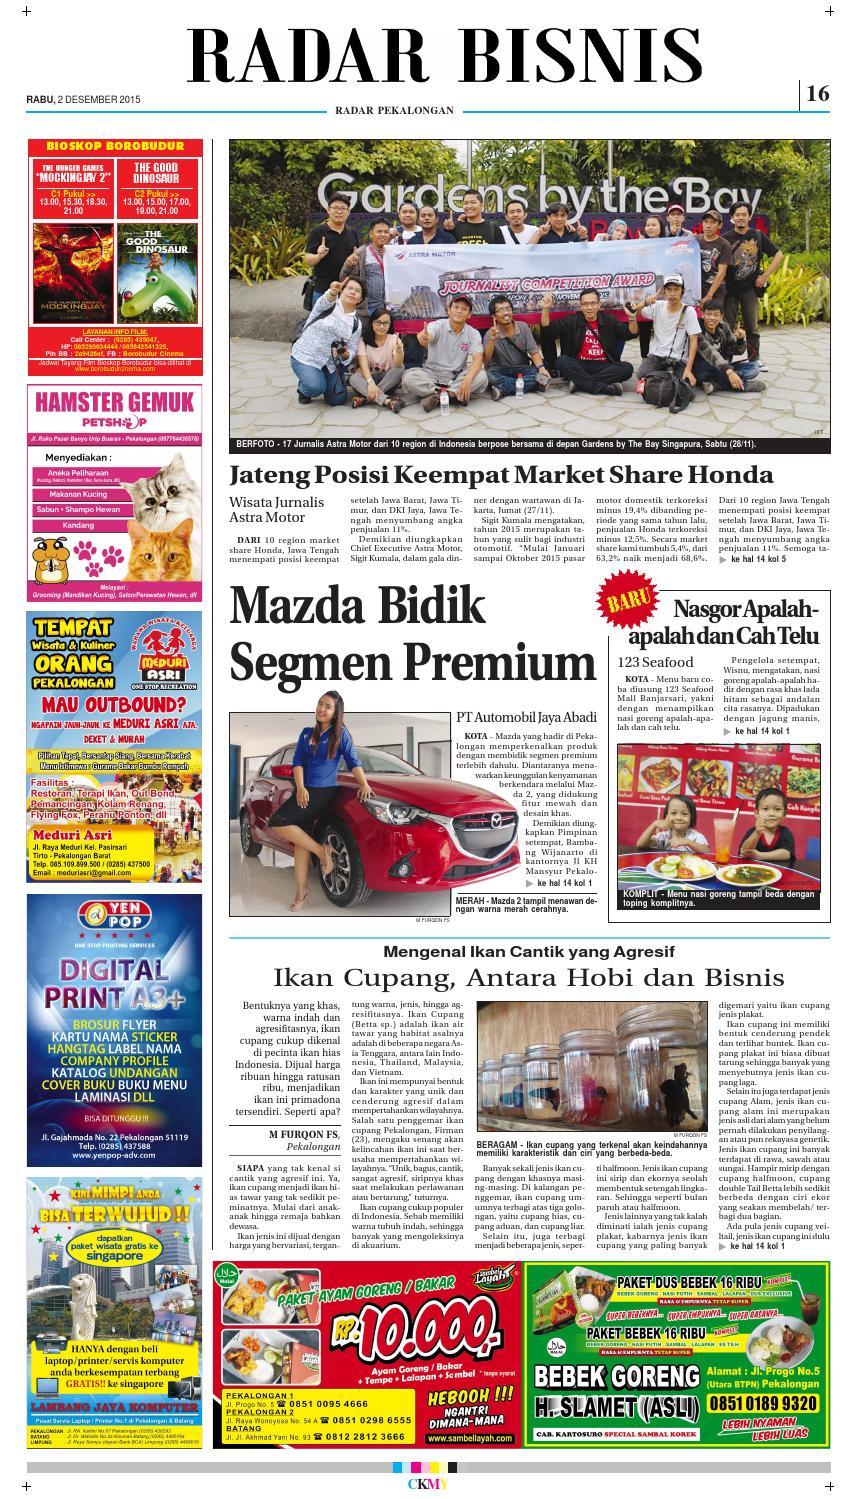 Jadwal Cinema Borobudur Pekalongan : jadwal, cinema, borobudur, pekalongan, Radar, Pekalongan, Desember, Issuu